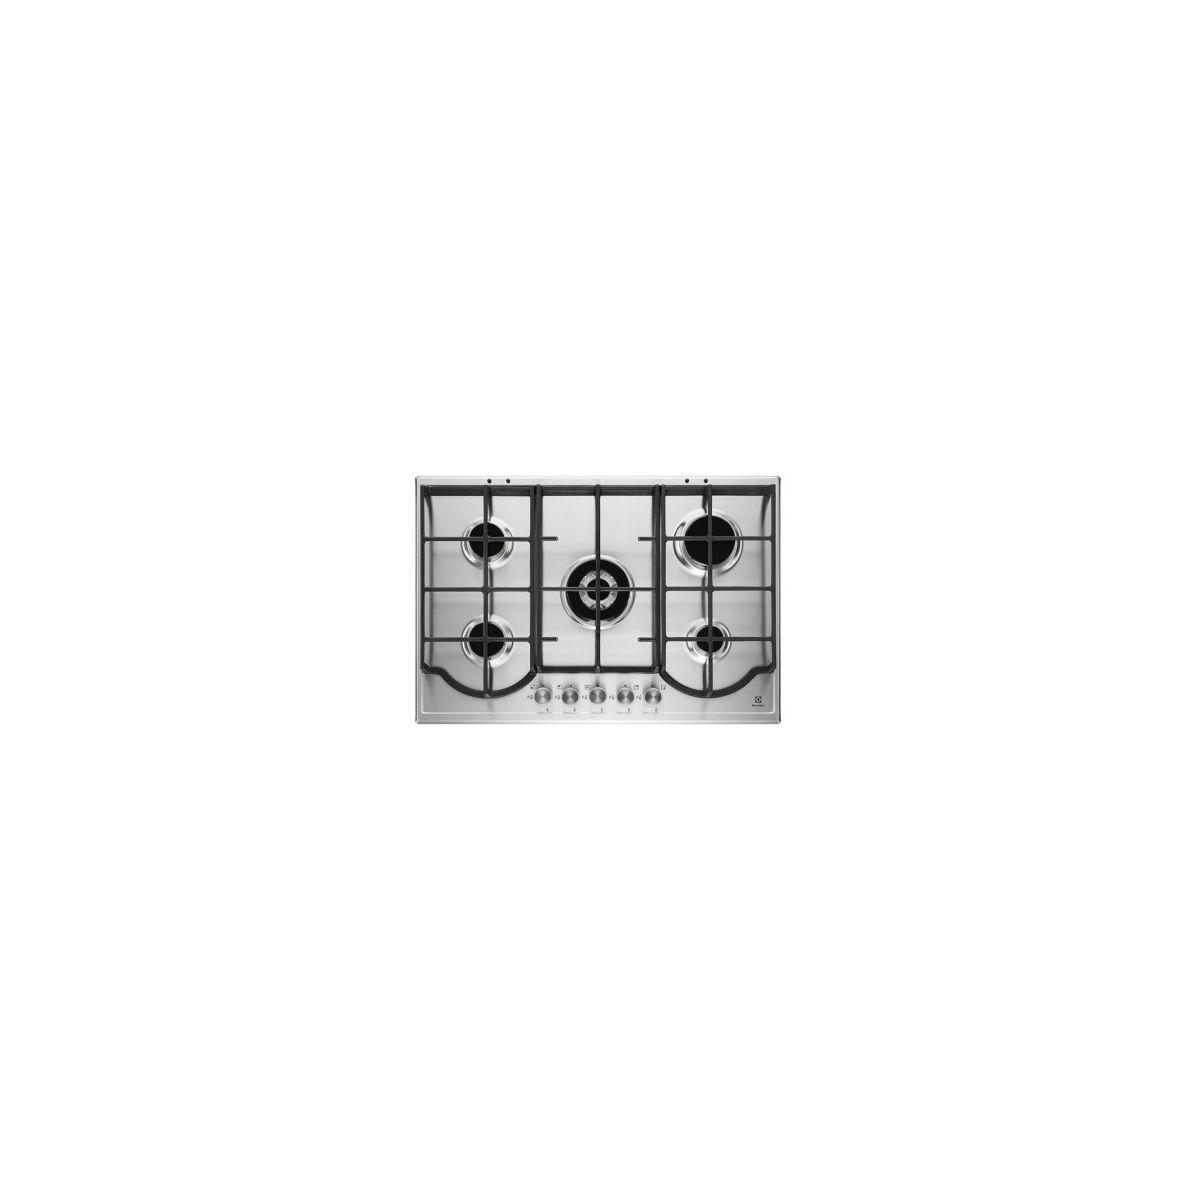 Table gaz electrolux egh7453box - 20% de remise imm�diate avec le code : gam20 (photo)